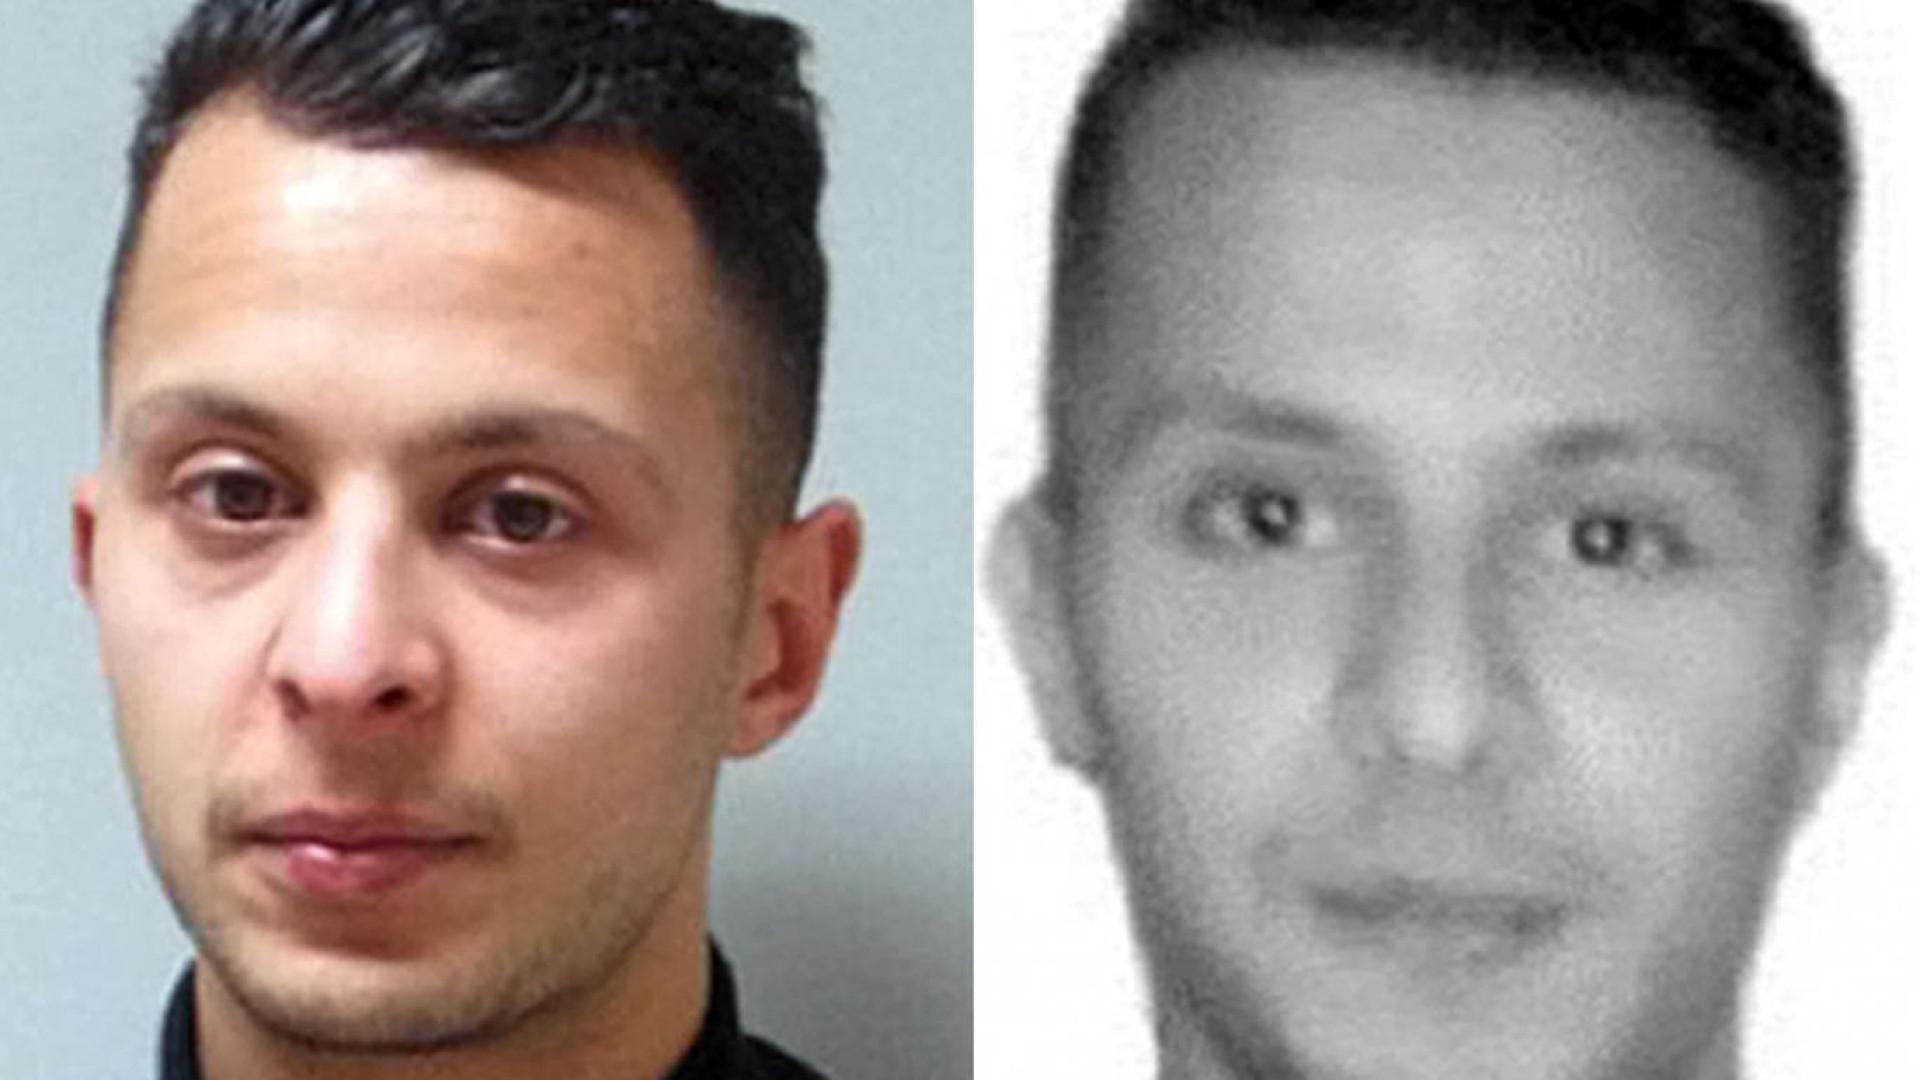 Suspeito de ataques de Paris condenado por tentativa de homicídio em Bruxelas